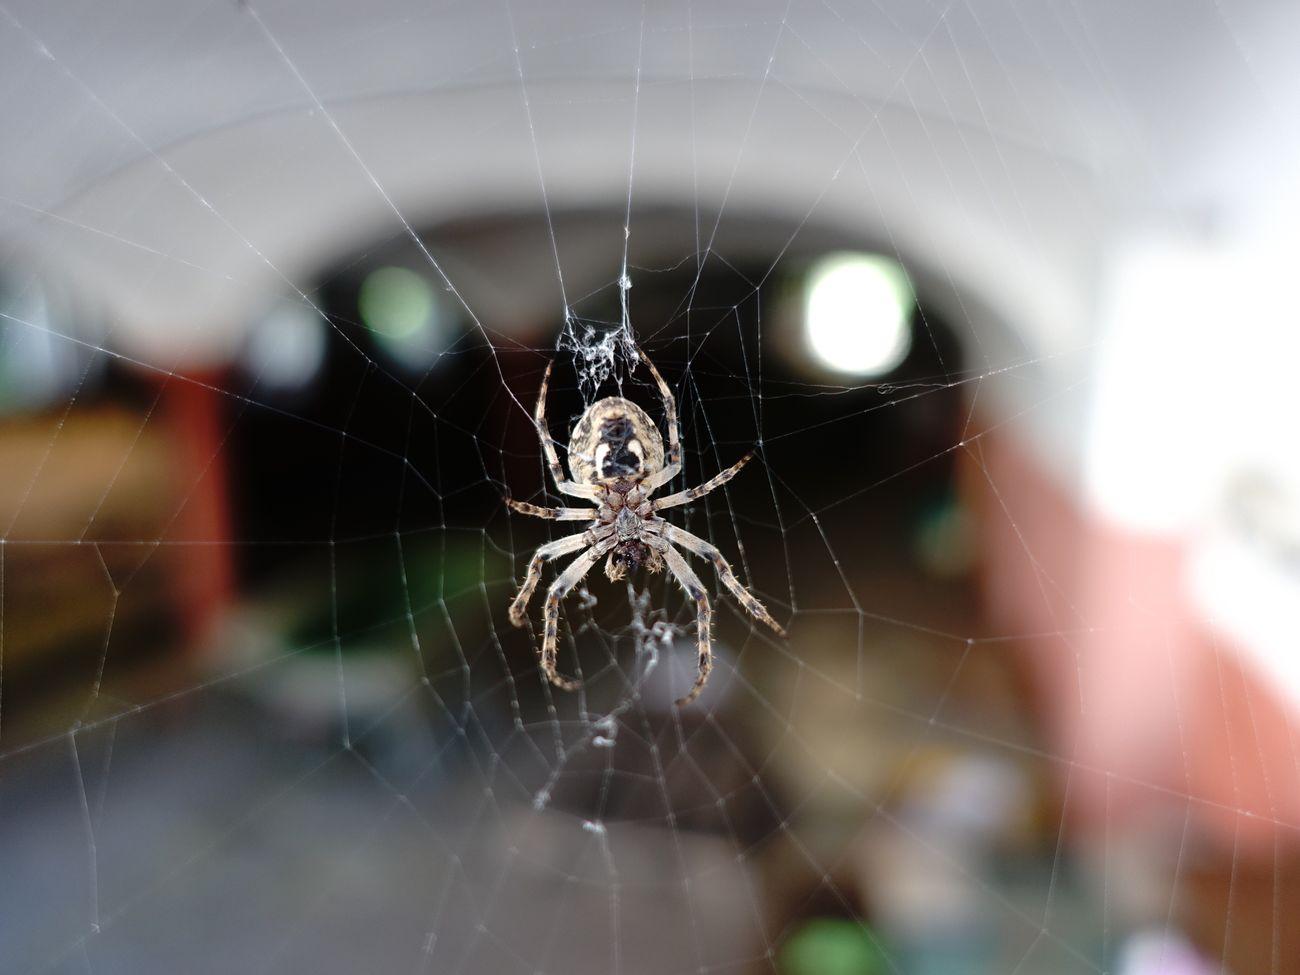 Spider Nice little Spider waiting for some Flies Huntress Arachne Spiderman Spiderwoman Kreuzspinne Sony Rx100 Iii Sony Rx100 M3 SONYrx100m3